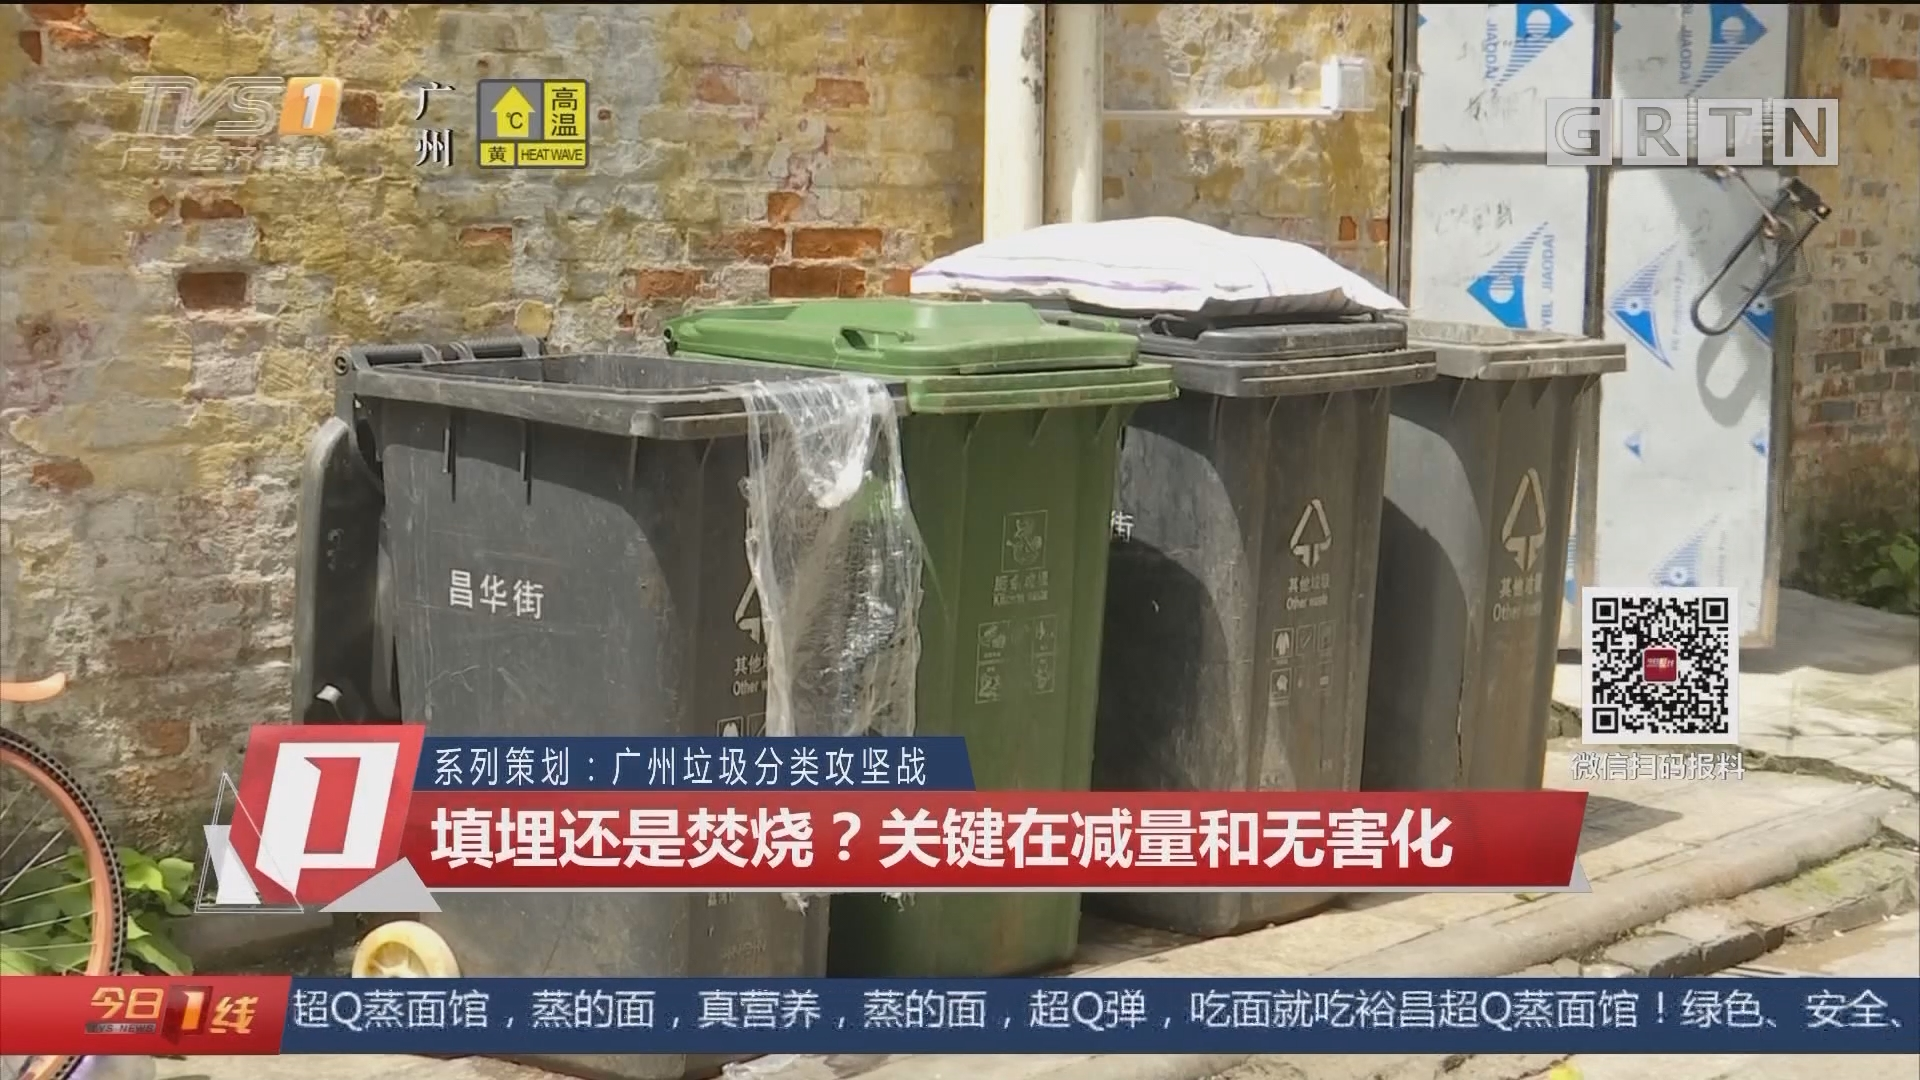 系列策划:广州垃圾分类攻坚战 填埋还是焚烧?关键在减量和无害化